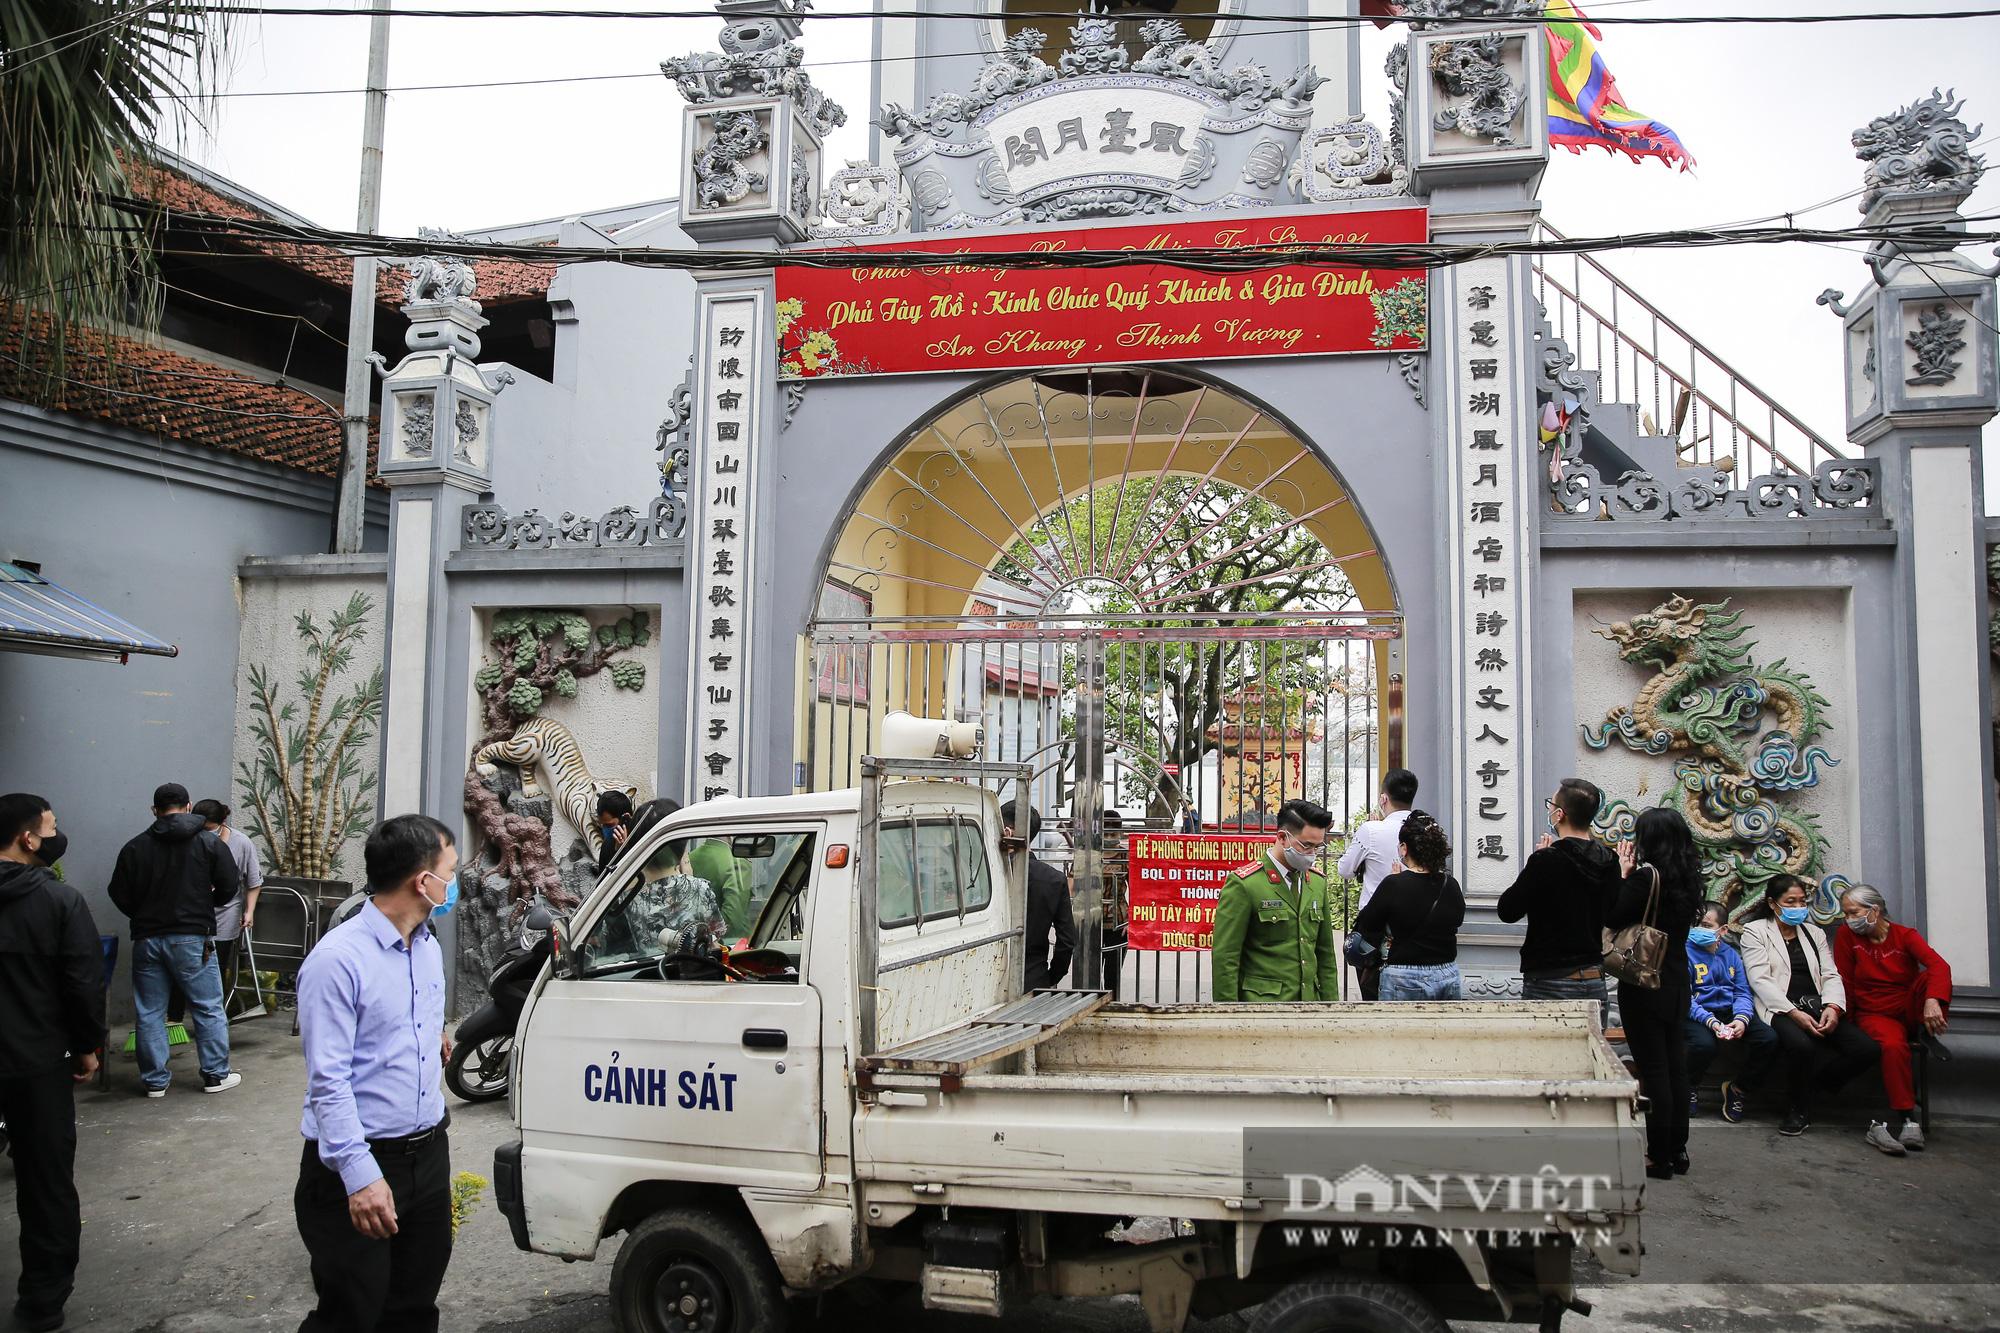 Công an gác cổng, người dân lập bàn vái vọng trước đền chùa ngày Rằm tháng Giêng - Ảnh 1.